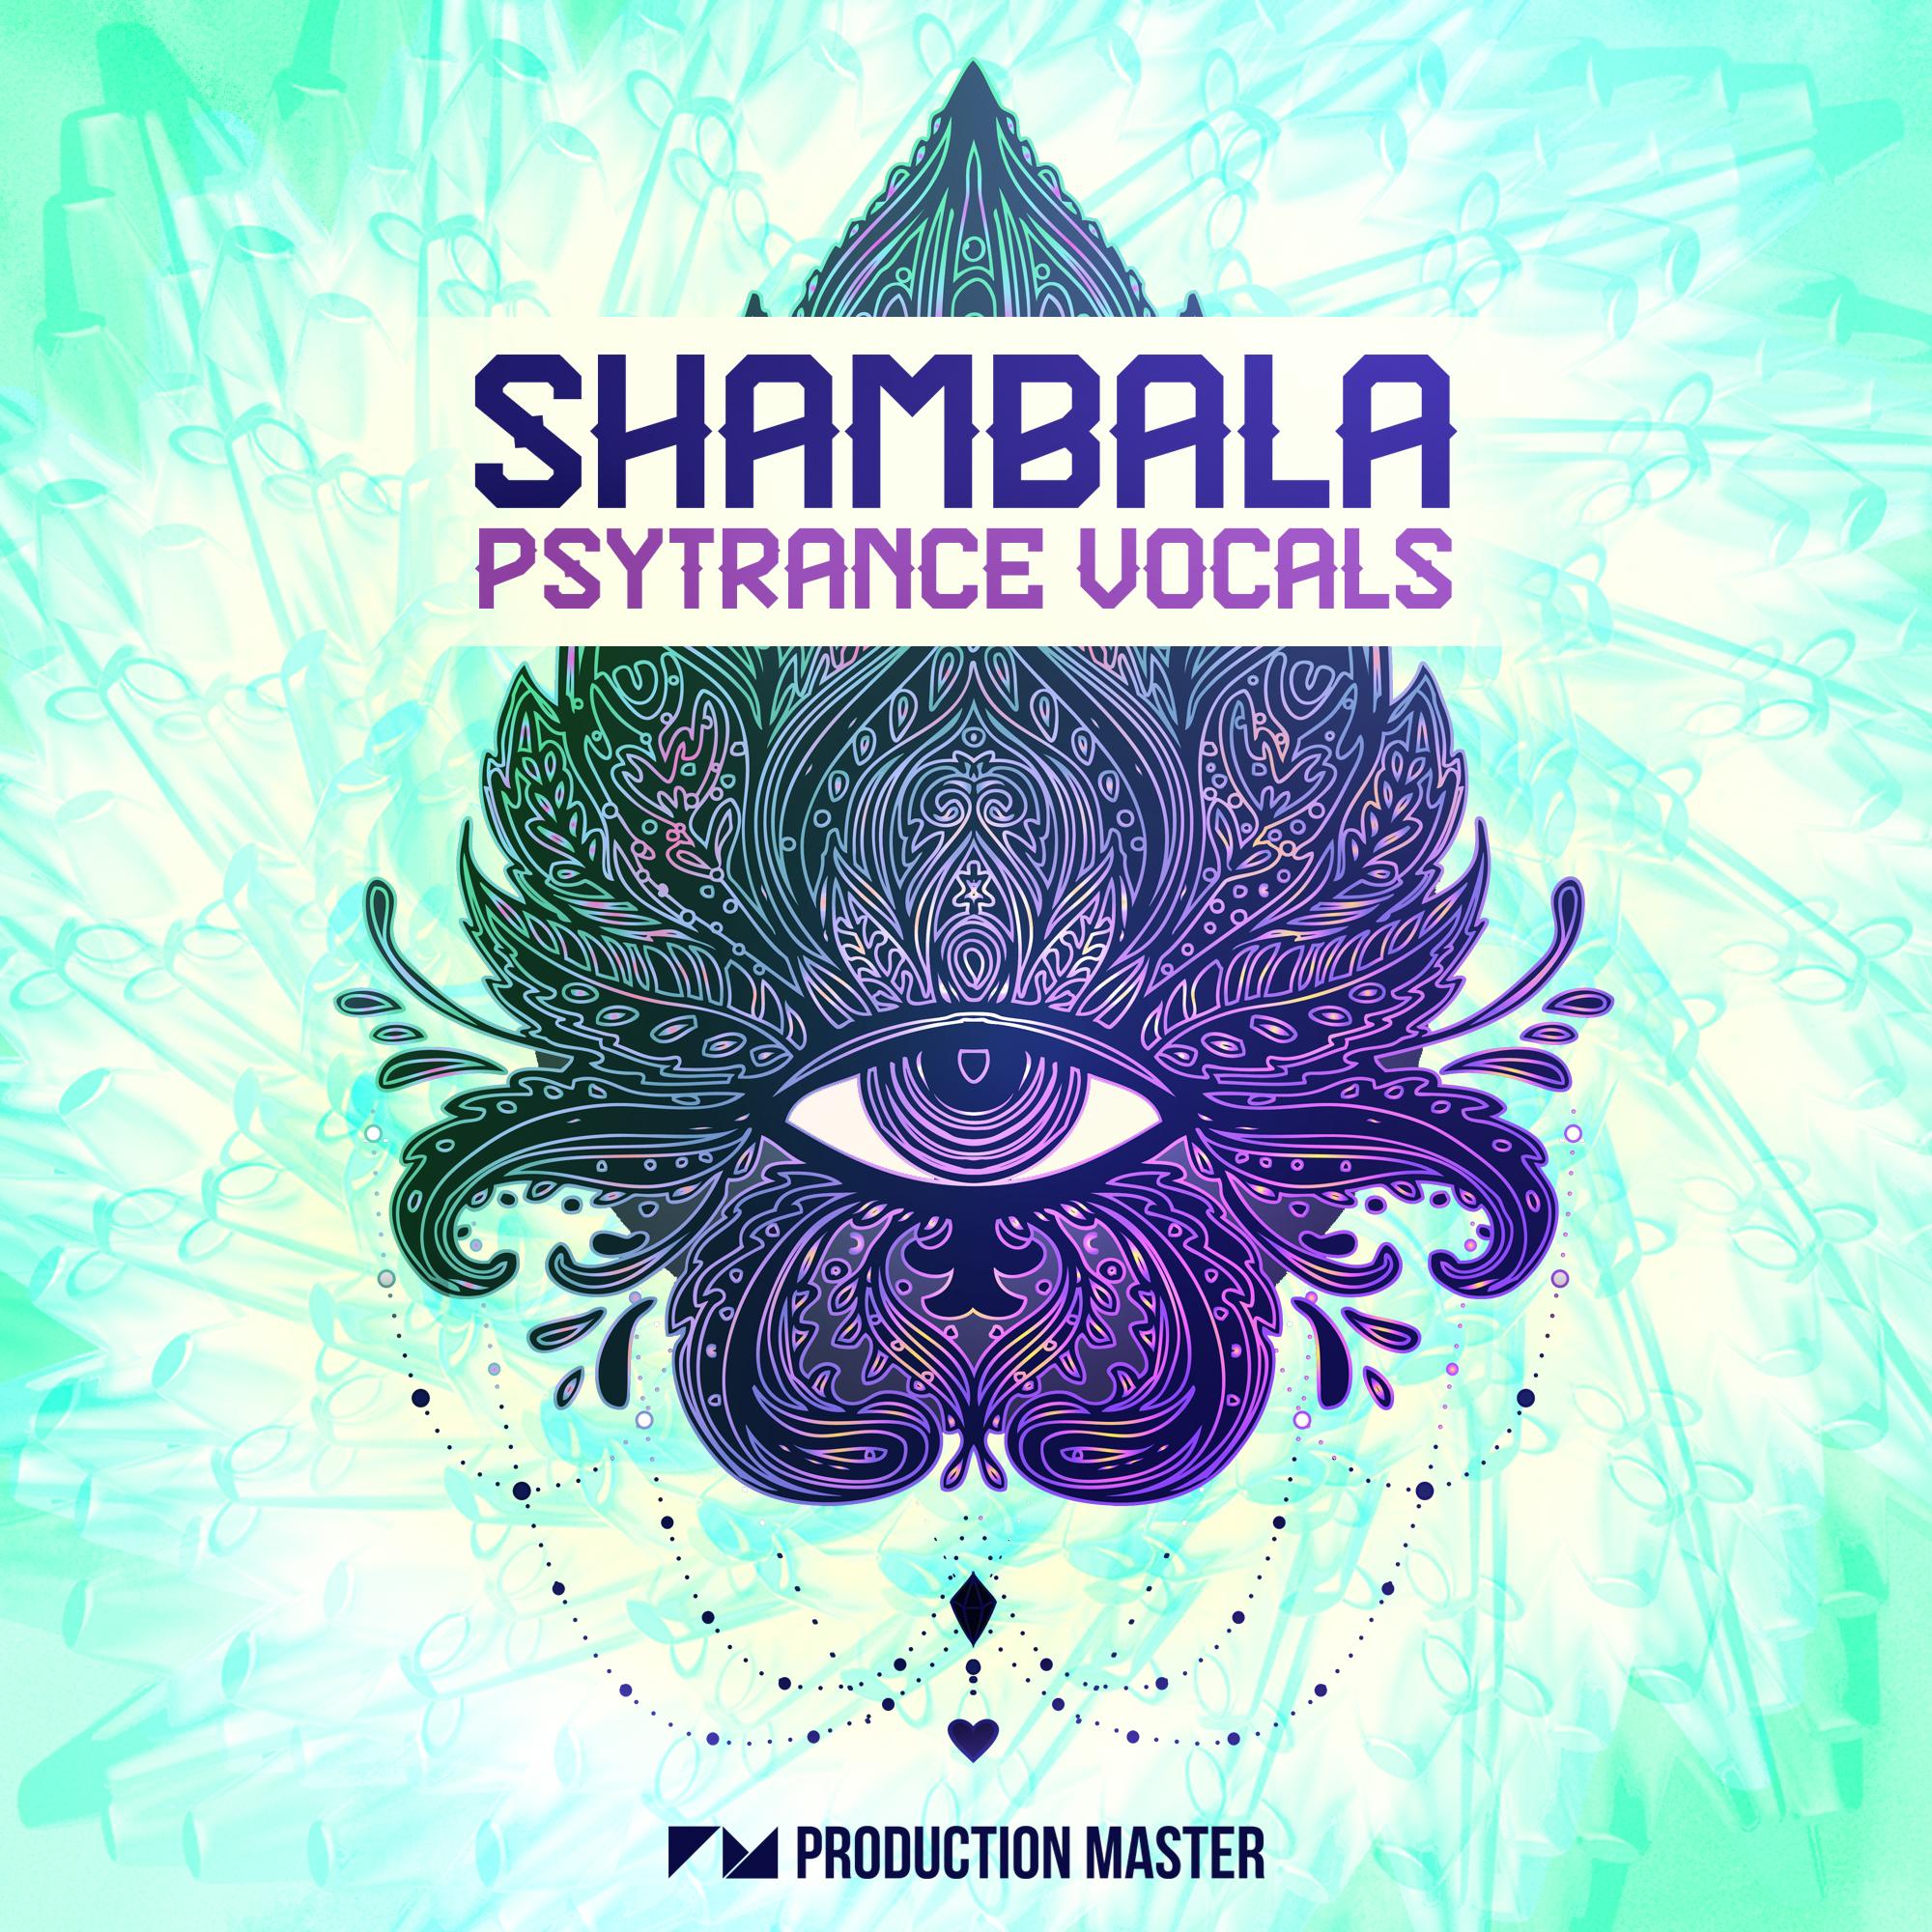 Production Master | Shambala - Psytrance Vocals